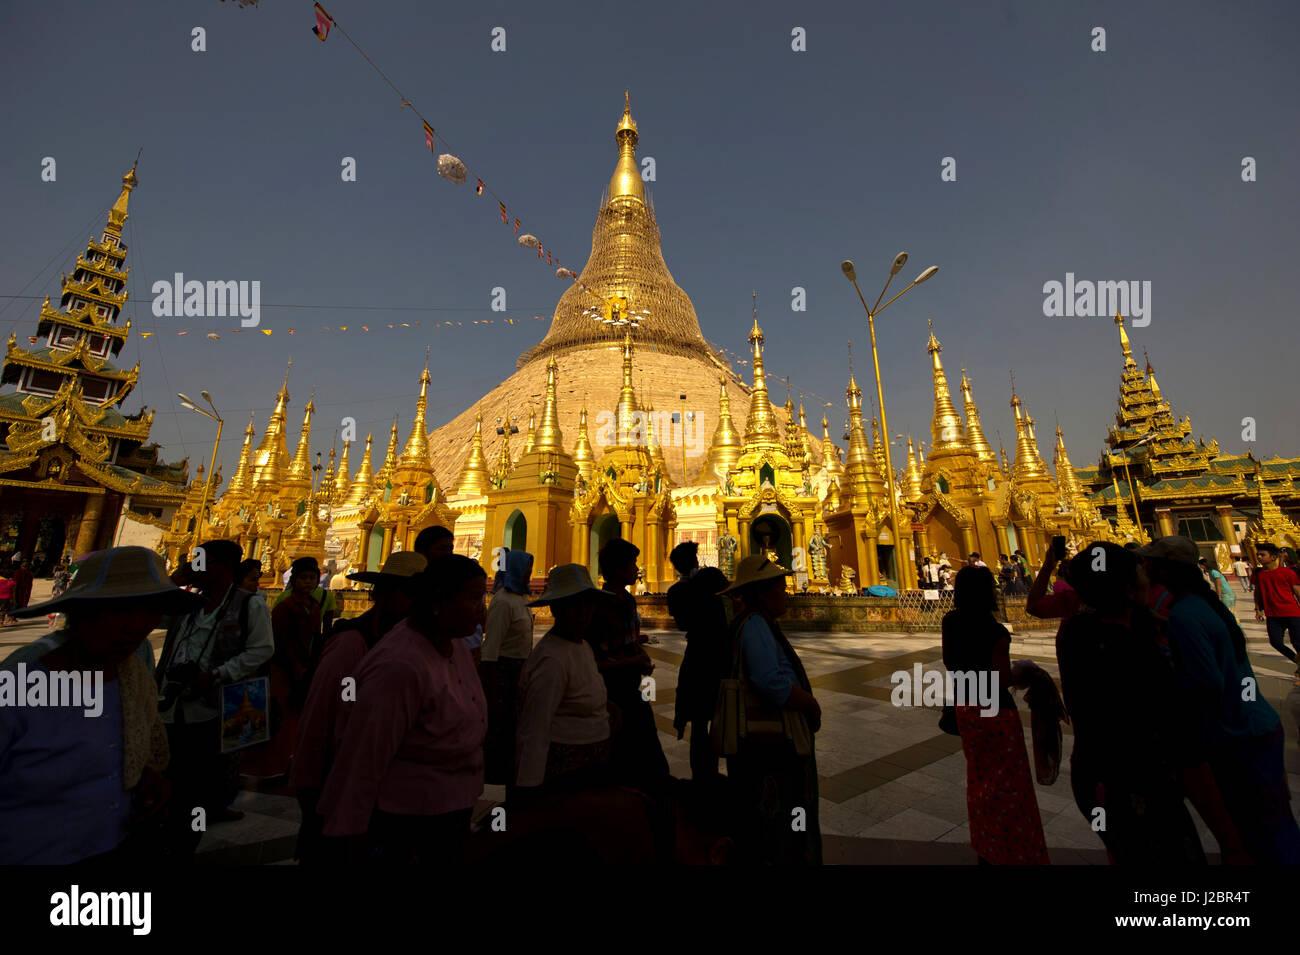 Shwedagon Pagoda, Officially named Shwedagon Zedi Daw is a gilded stupa located in Yangon, Myanmar. - Stock Image